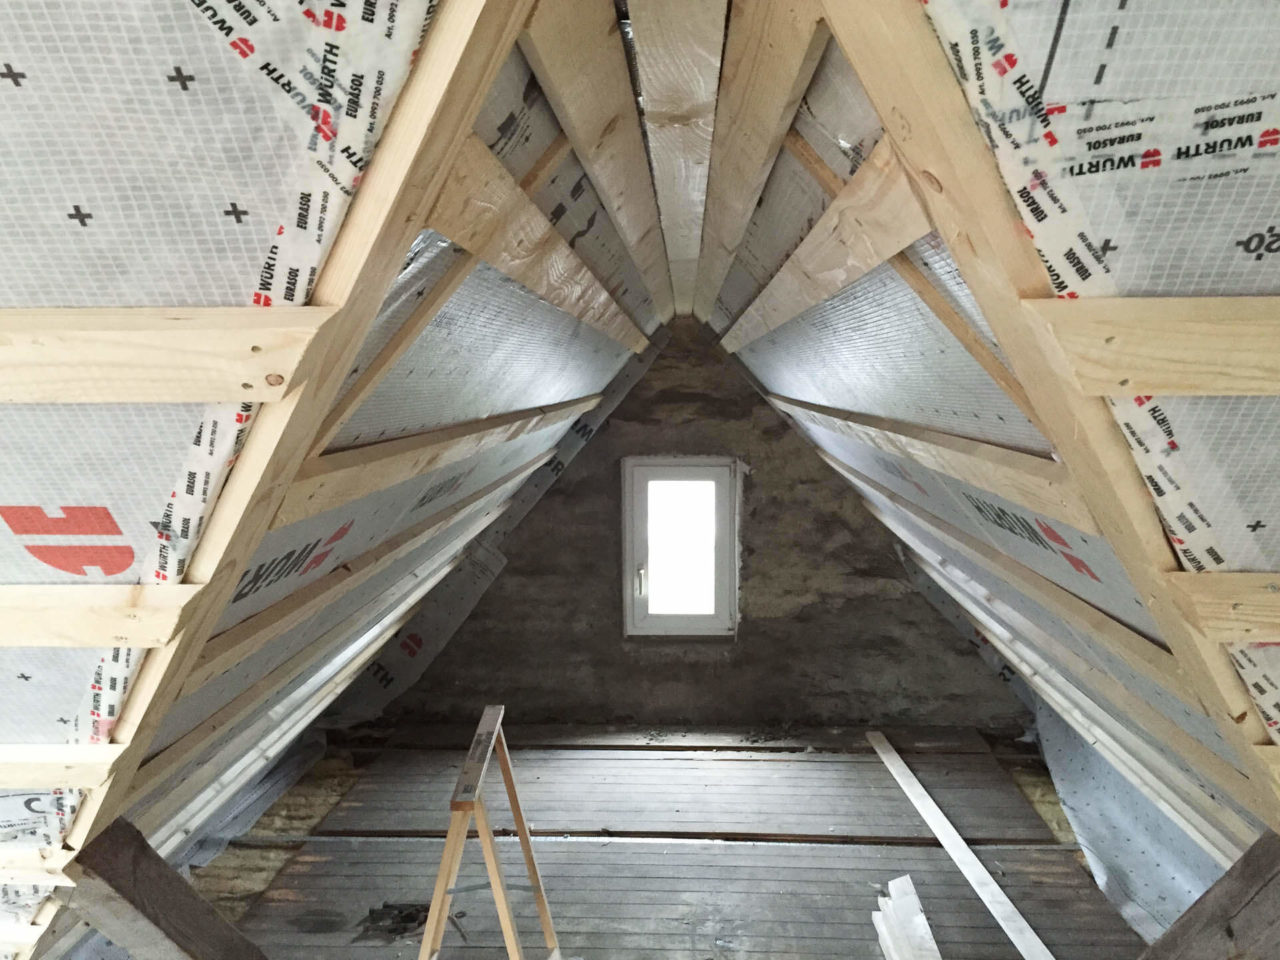 Foto Pablo Baugestaltung zeigt den Giebel des Umbaus Hamburg Francop